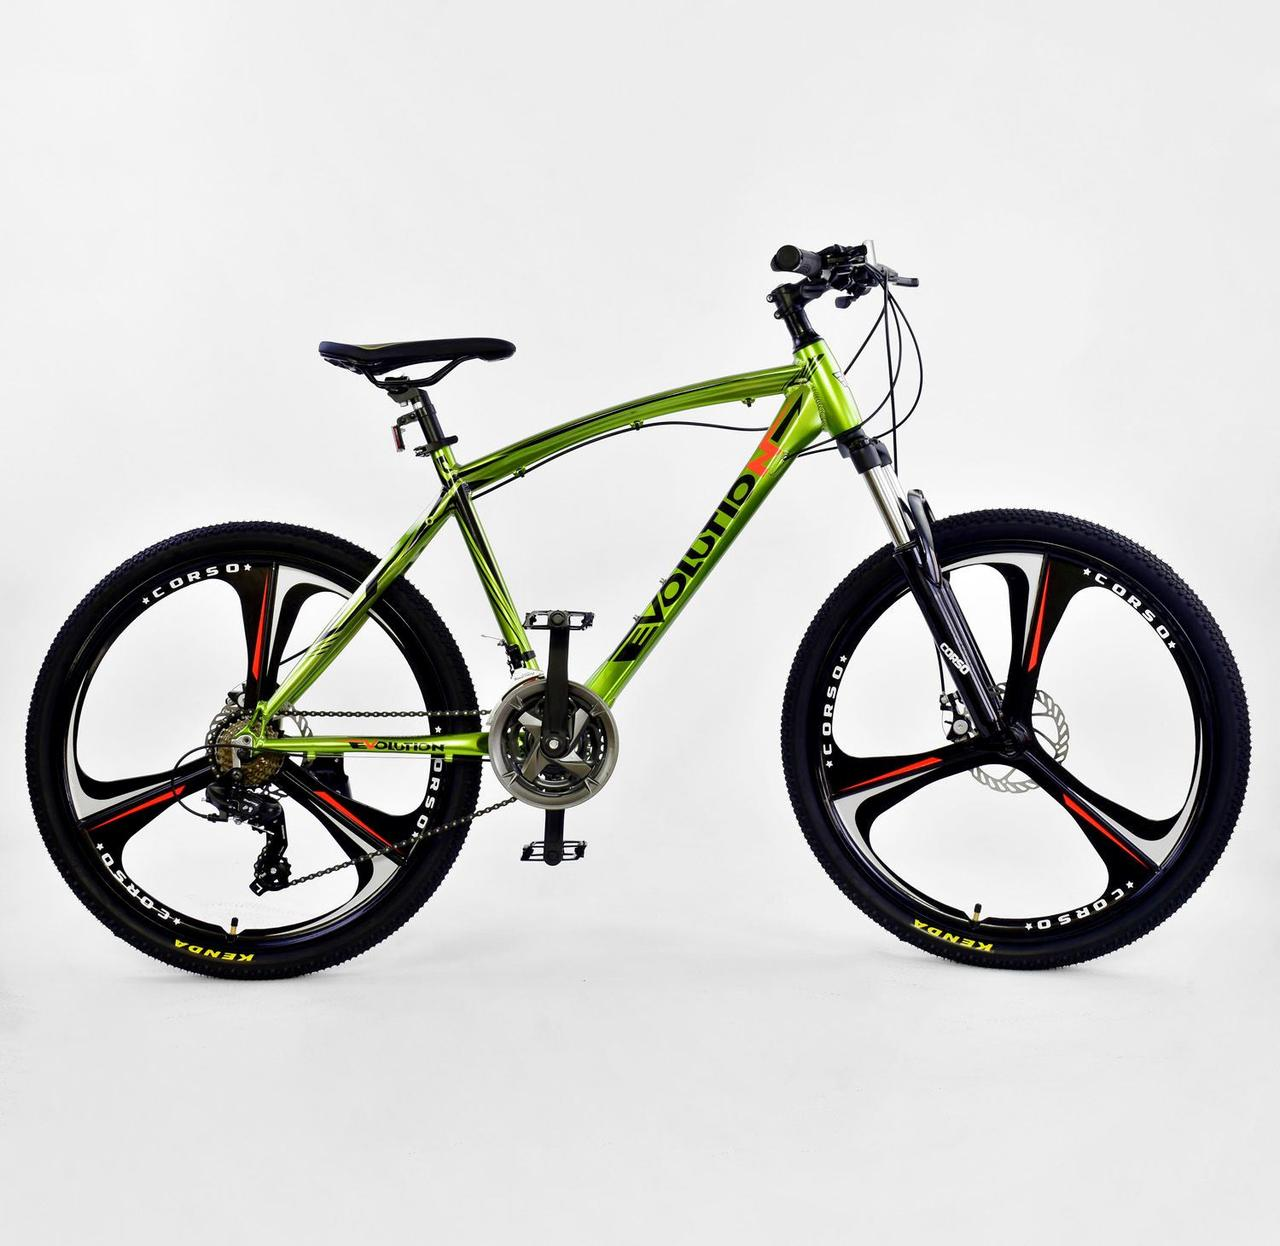 """Велосипед Спортивный CORSO 26""""дюймов JYT 007 - 2270 GREEN EVOLUTION Алюминий, 24 скорости"""